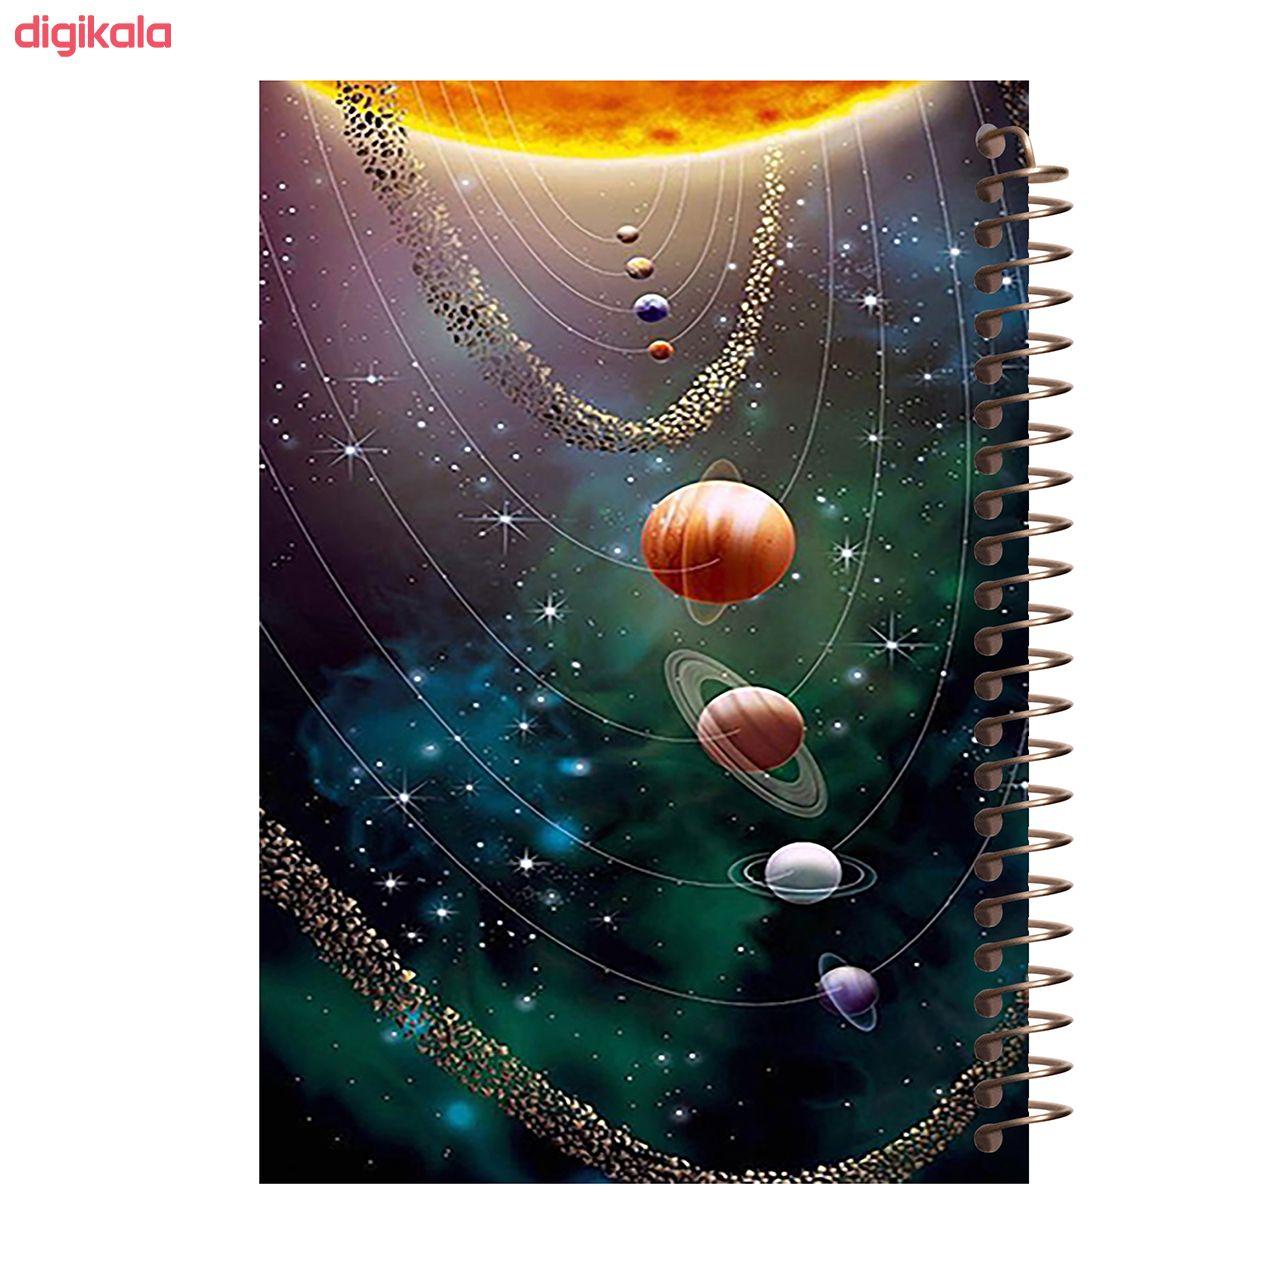 دفتر برنامه ریزی مشایخ طرح منظومه شمسی کد 00020 main 1 1